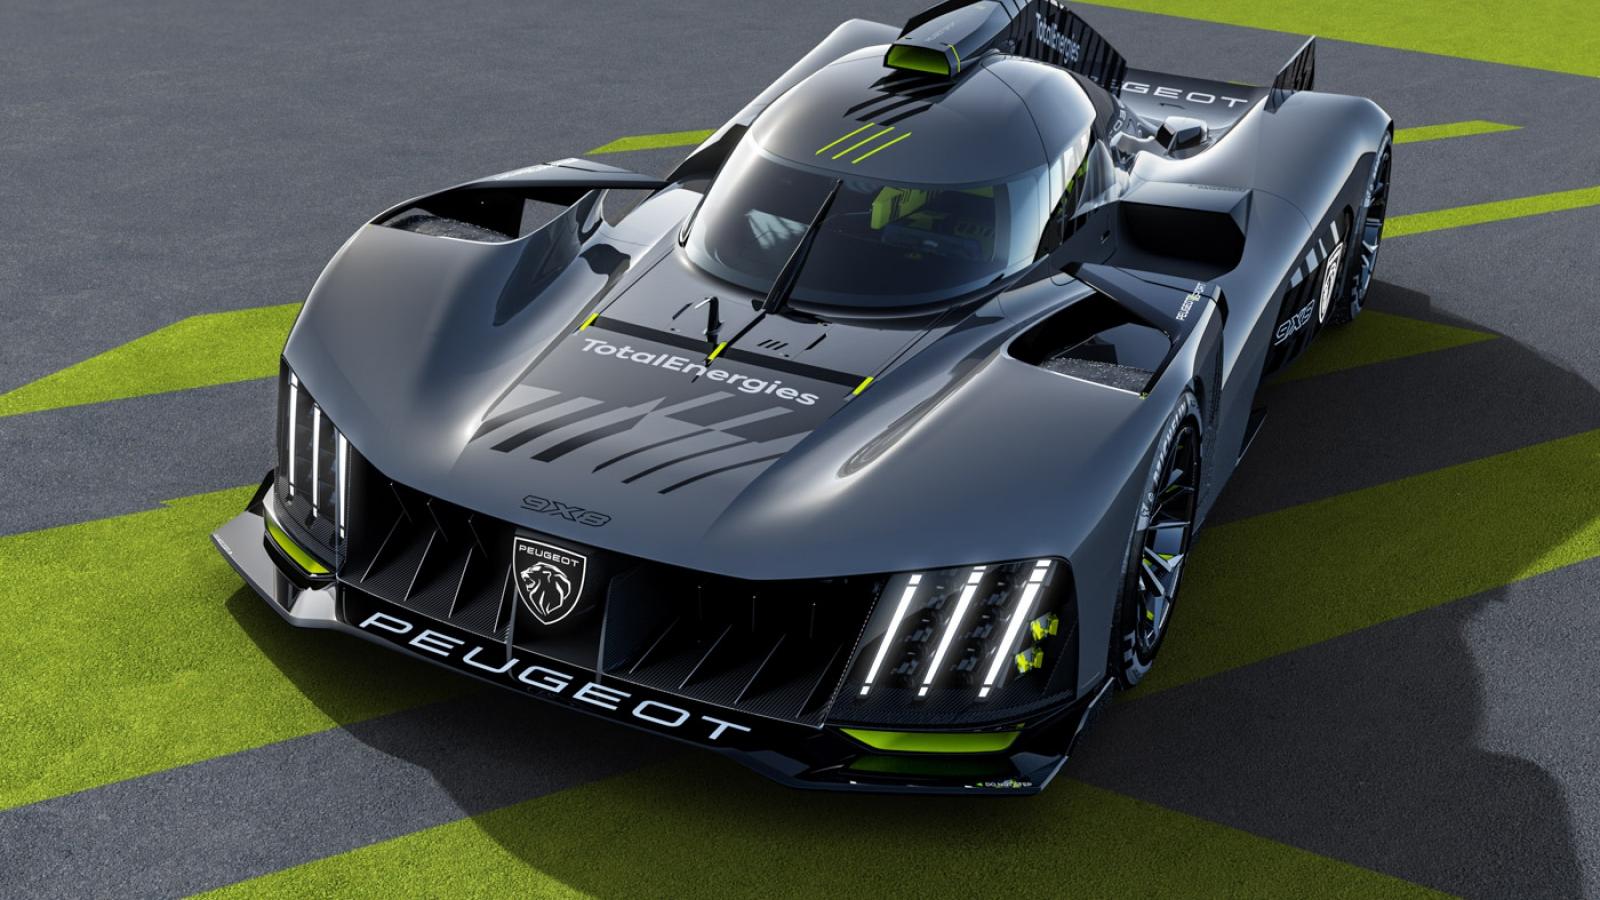 Peugeot ra mắt xe đua WEC LMH với tên gọi 9X8